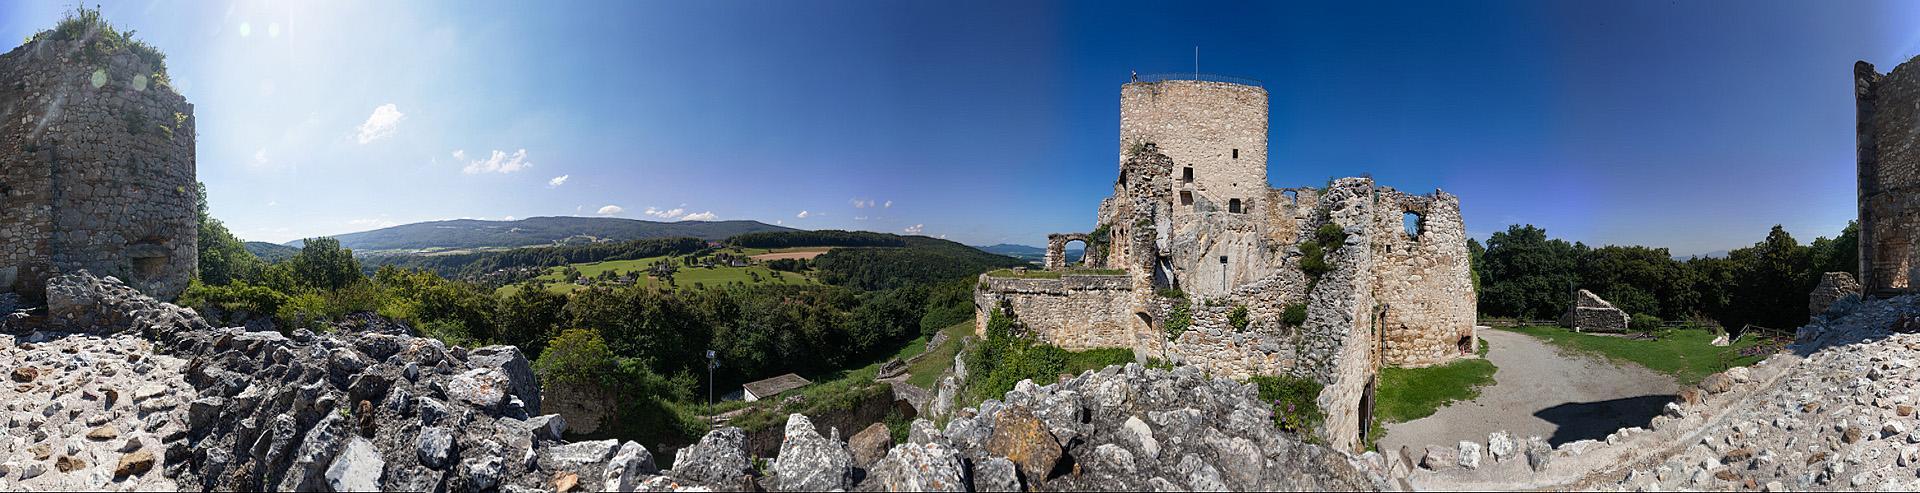 Chateau-du-Landskron2